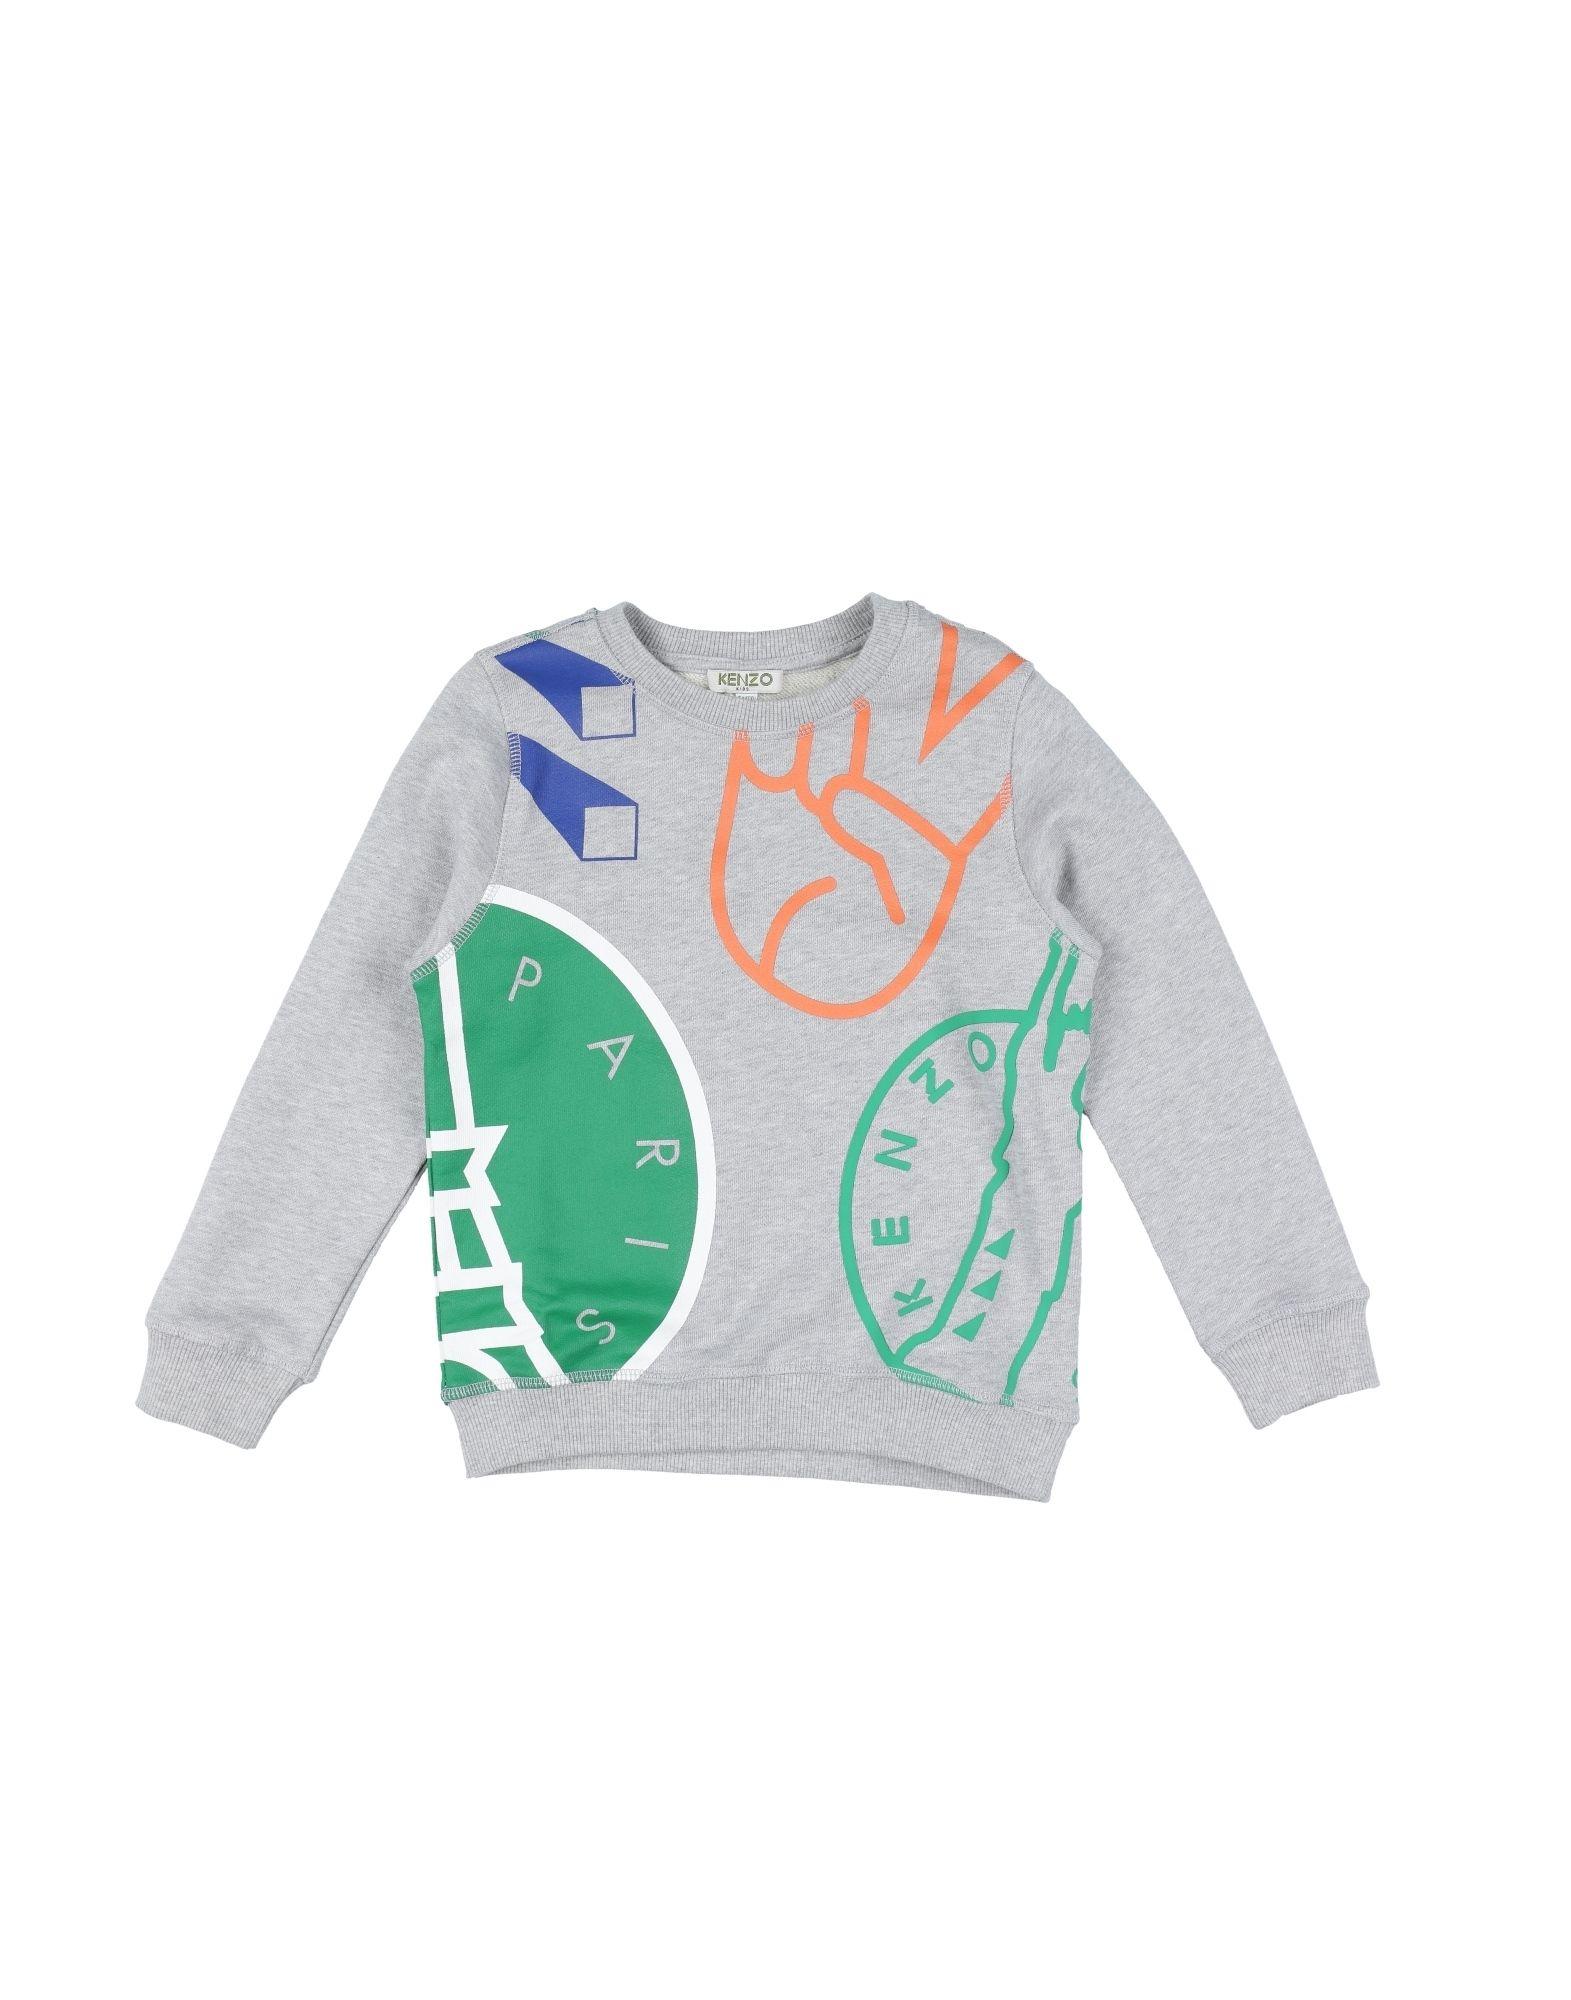 KENZO Jungen 3-8 jahre Sweatshirt Farbe Hellgrau Größe 6 - broschei